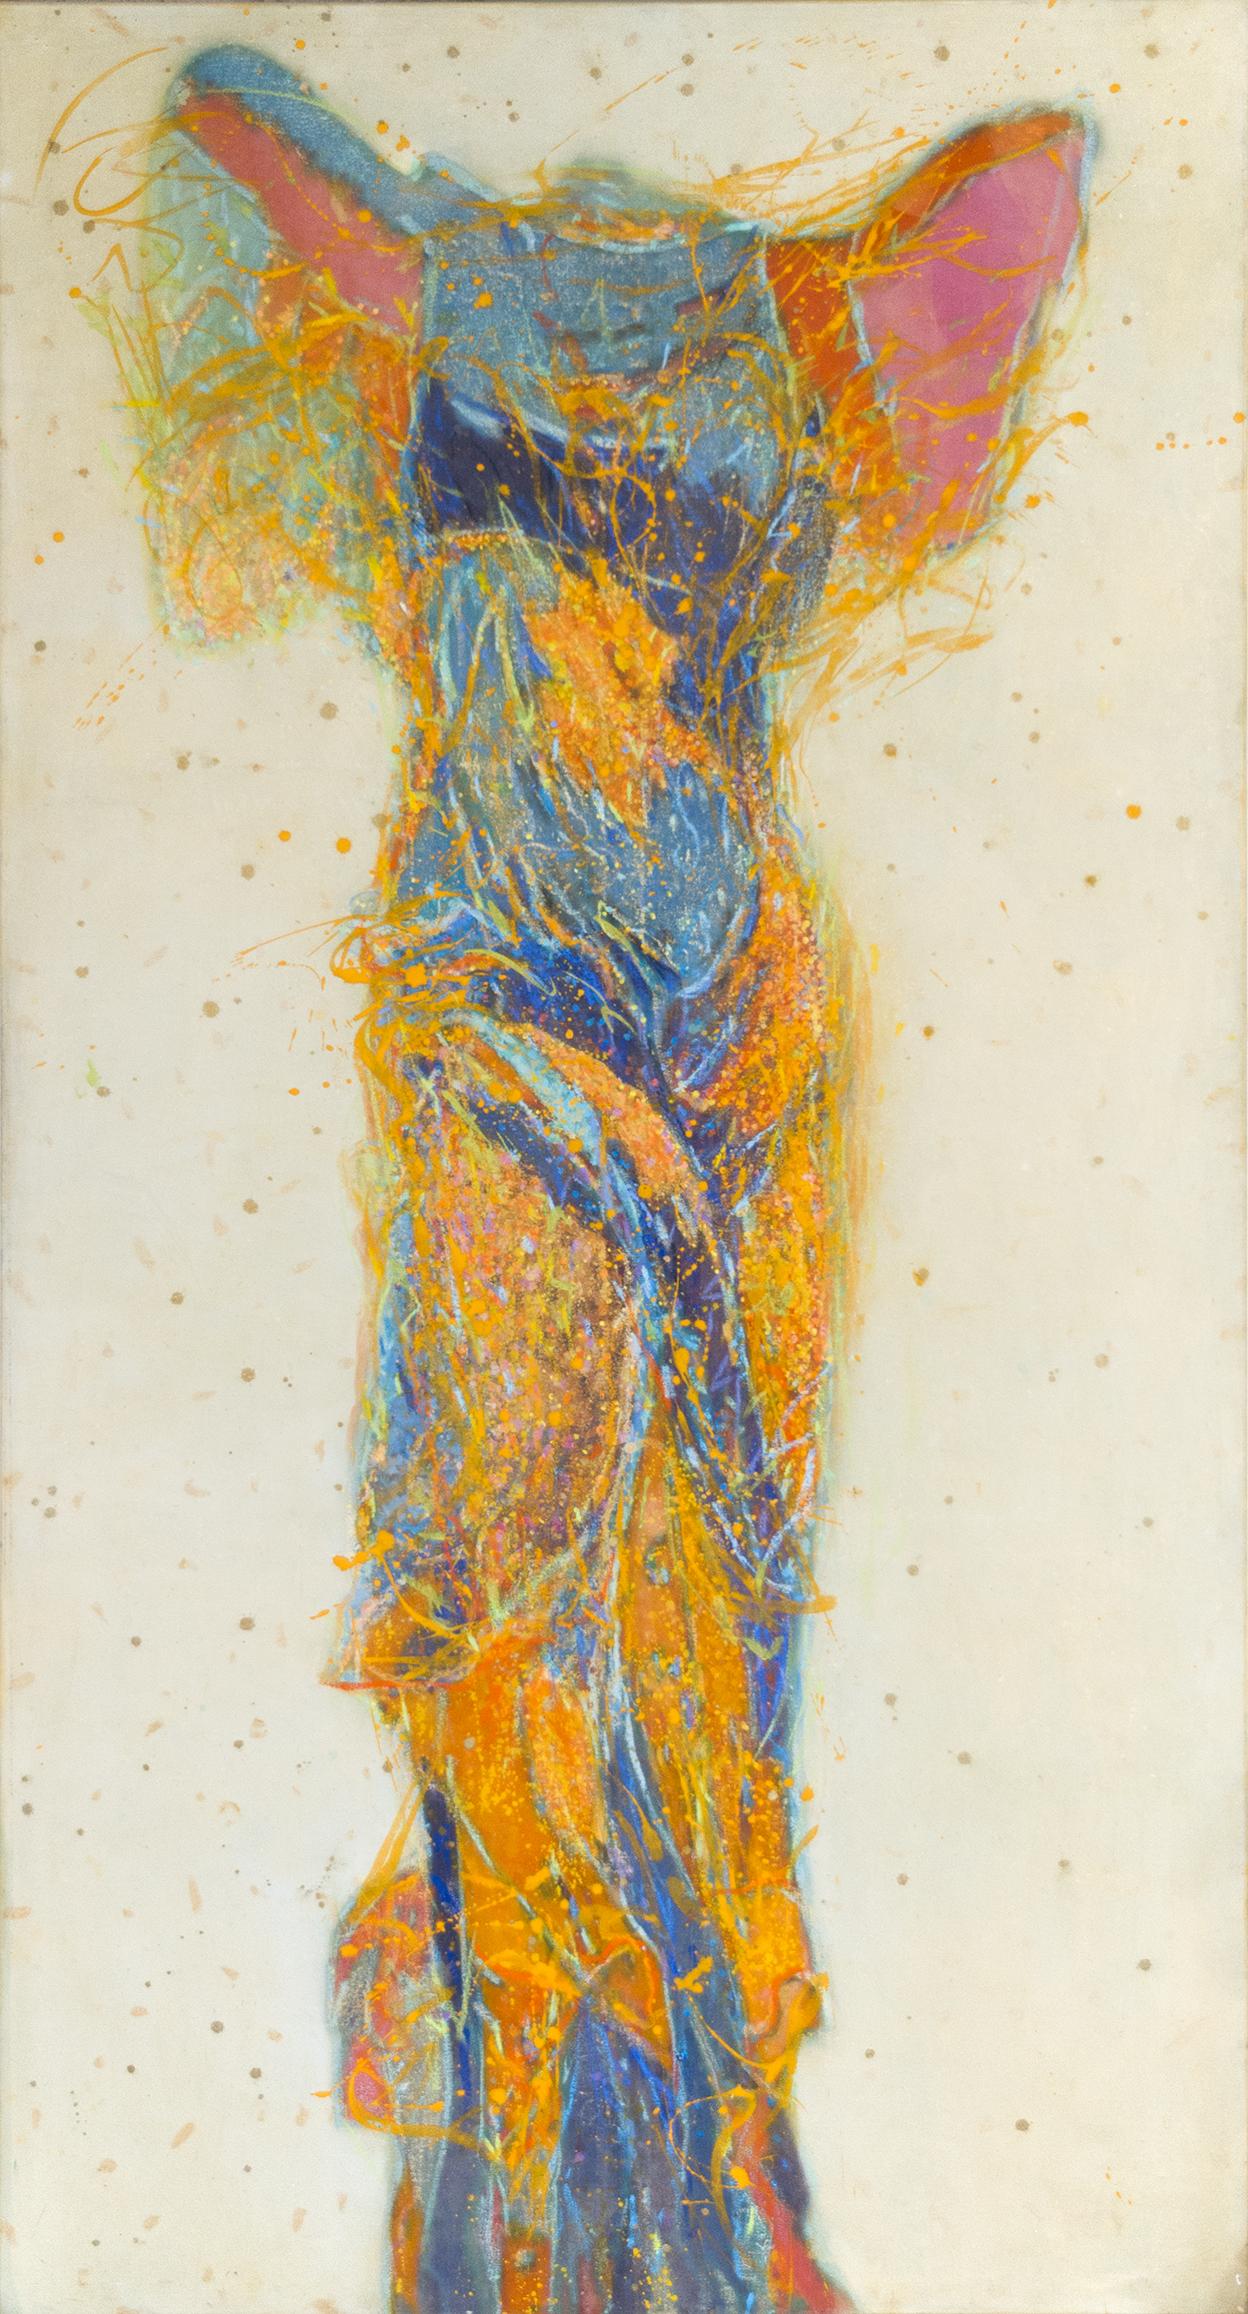 Aurora Nike von Samothrake - Malerei von Gerlinde Mader